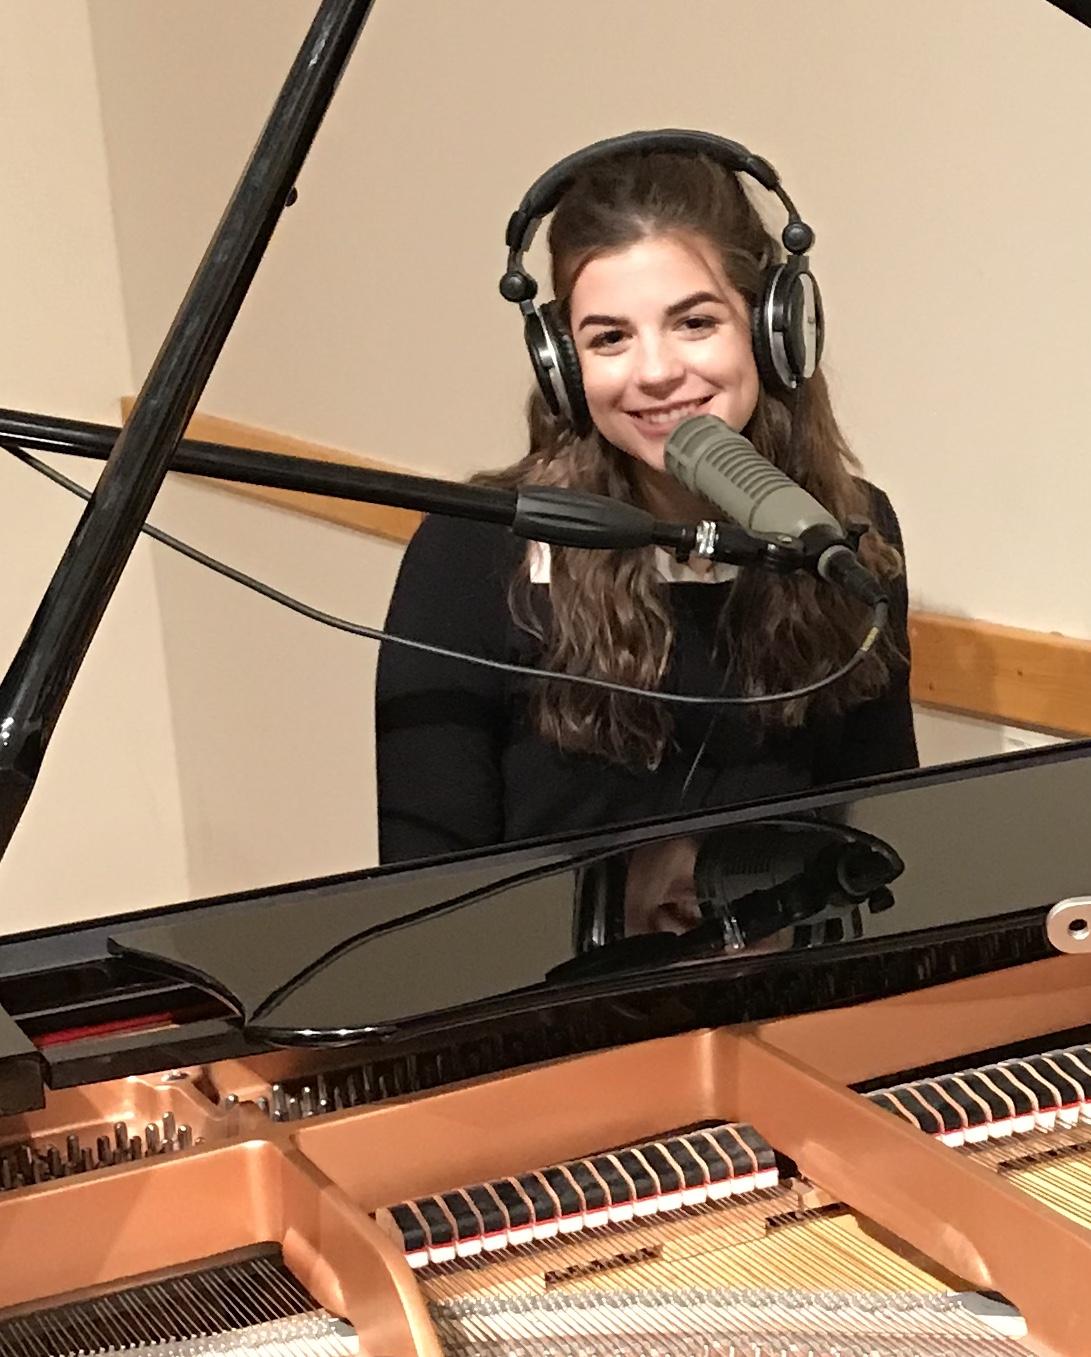 smiling grace at piano.jpg